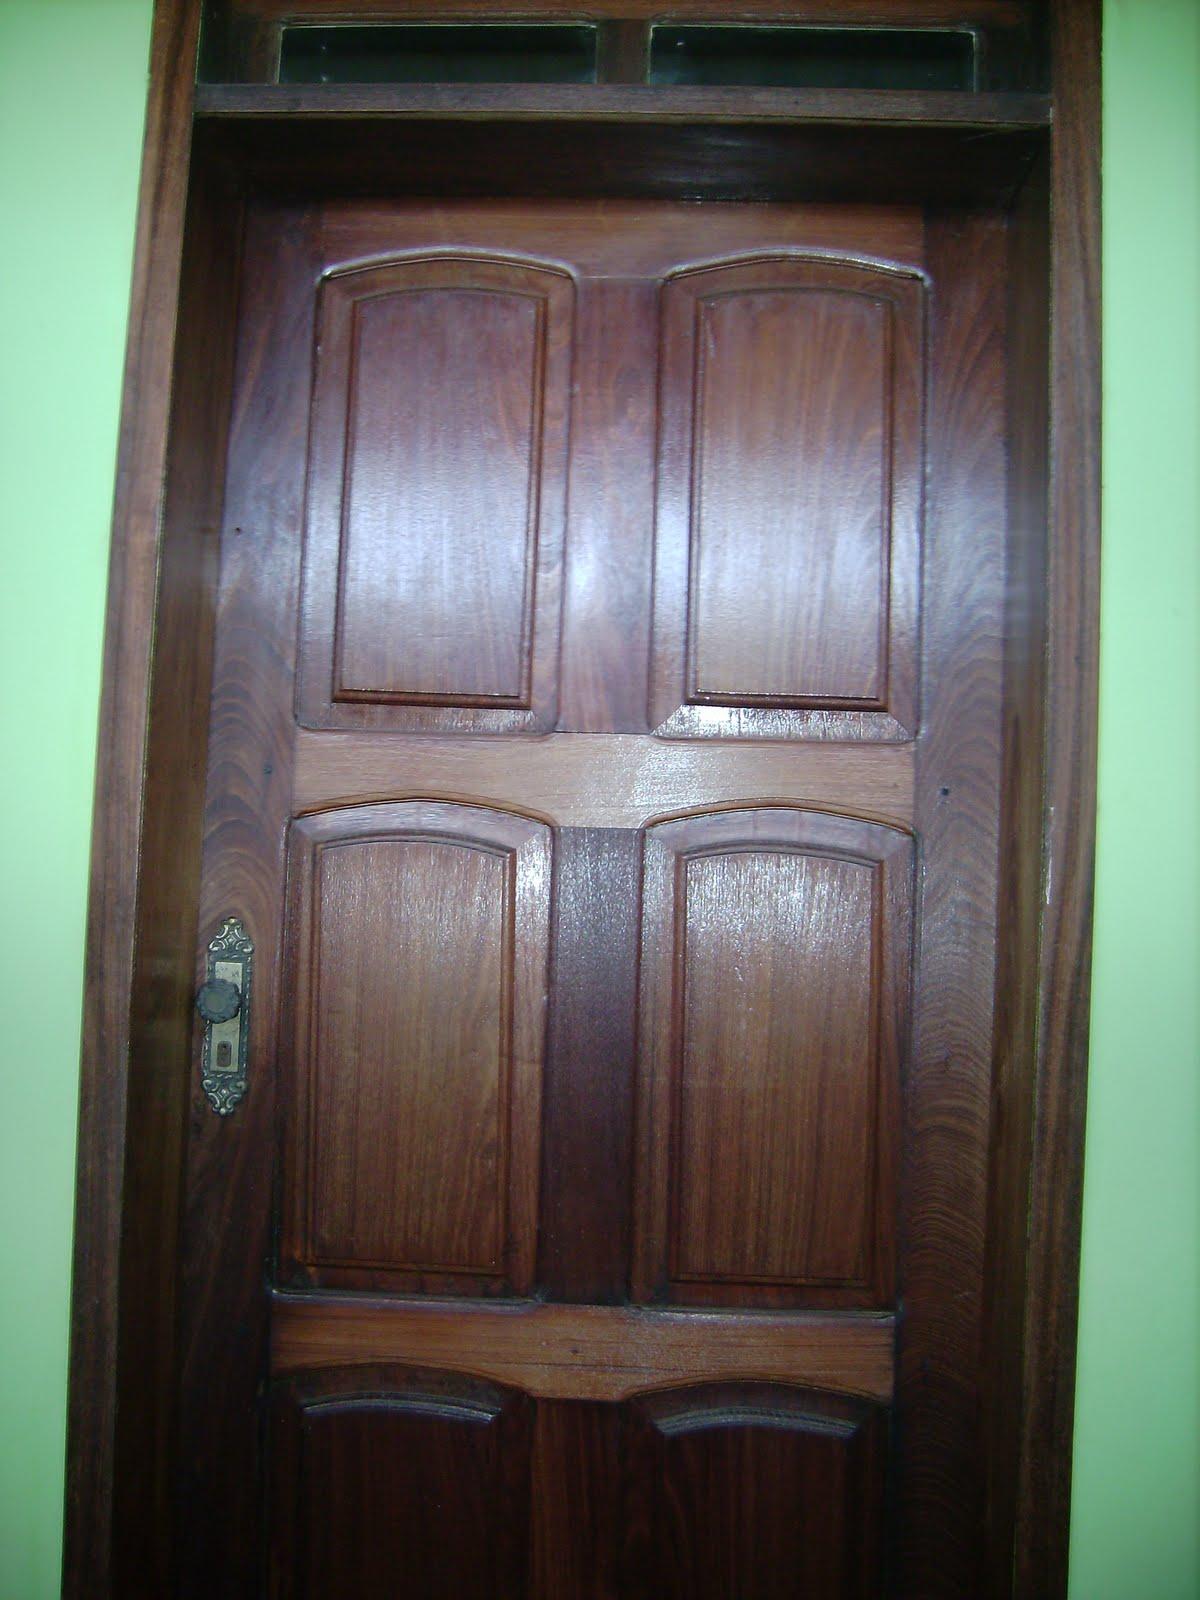 #3C8F62 Madeireira e Marcenaria Casa Nova: Portas residenciais 1206 Portas E Janelas De Madeira Em Vitoria Da Conquista